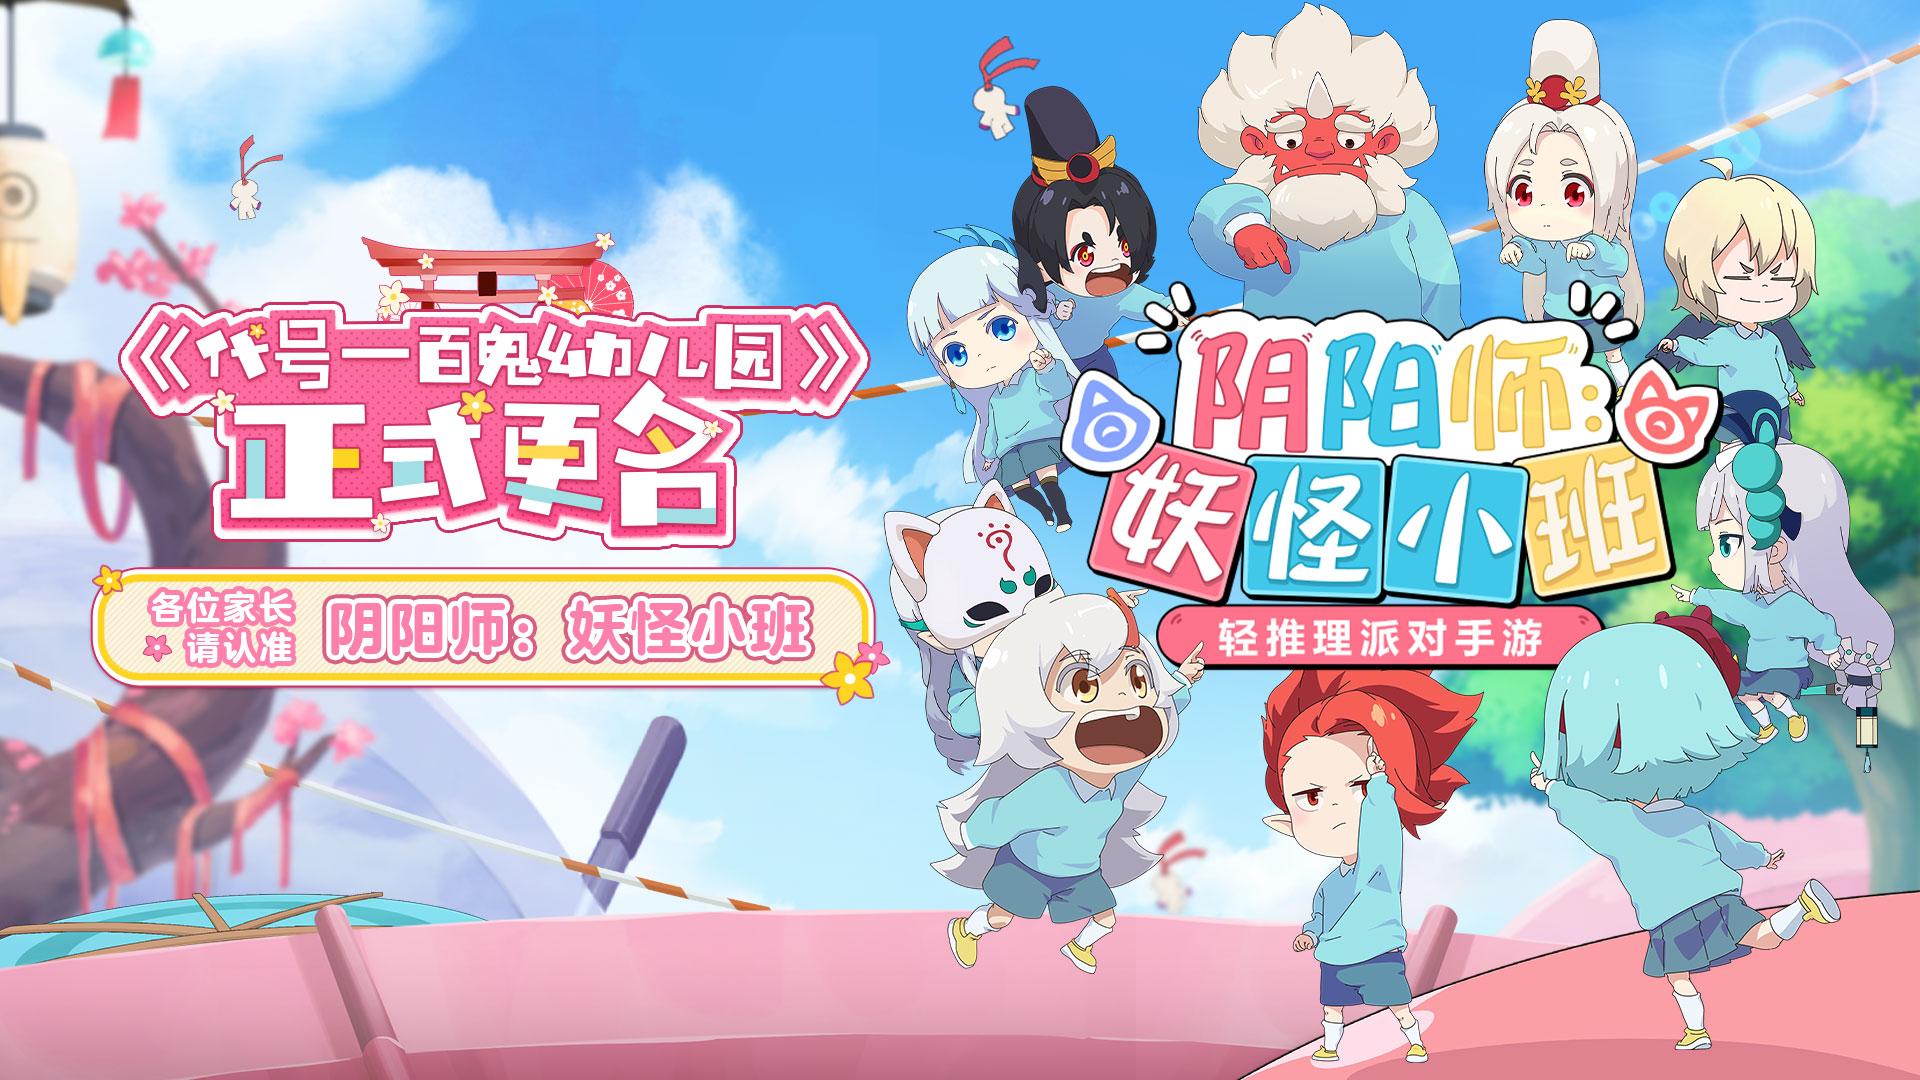 阴阳师新游正式定名妖怪小班,4月29日全渠道预约开启